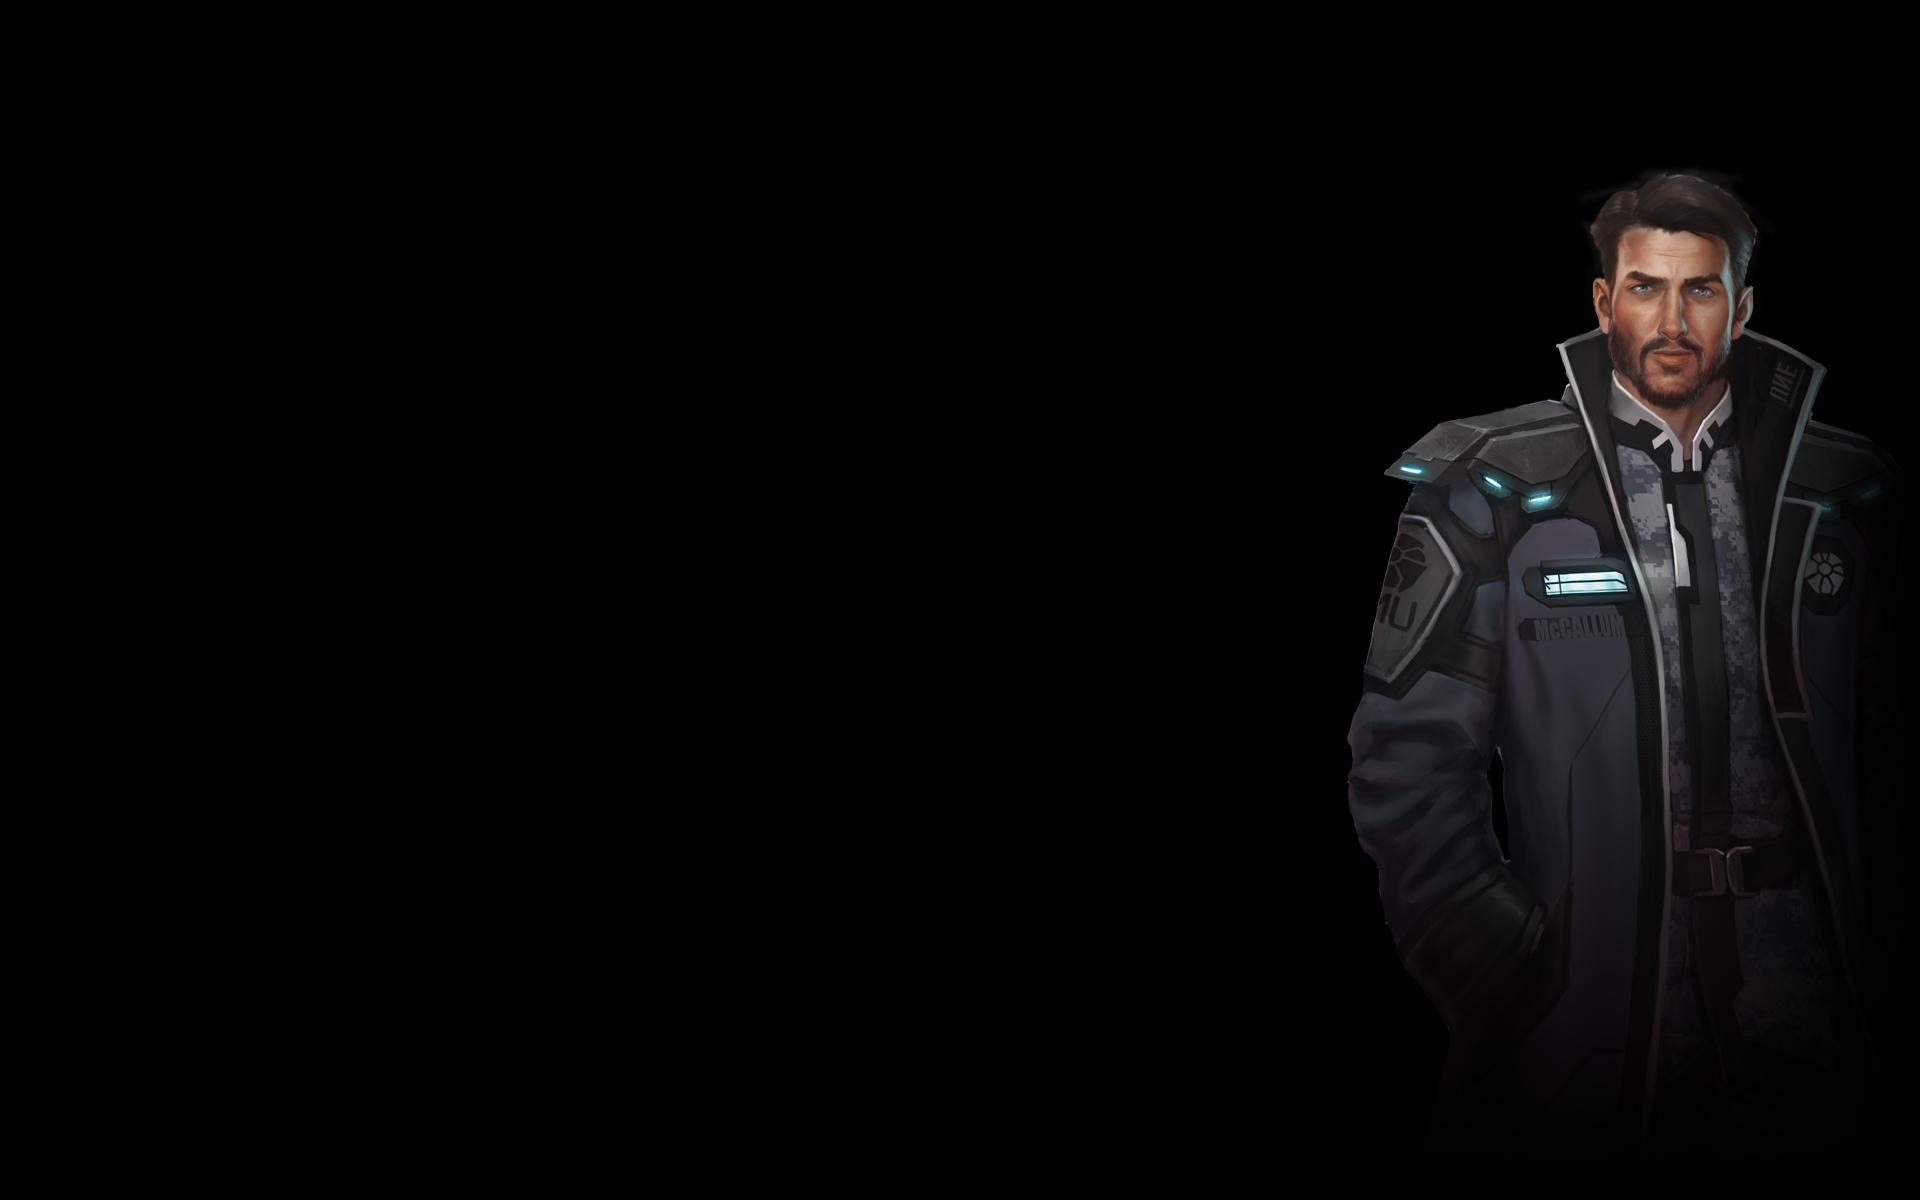 Captain McCallum (Profile Background)